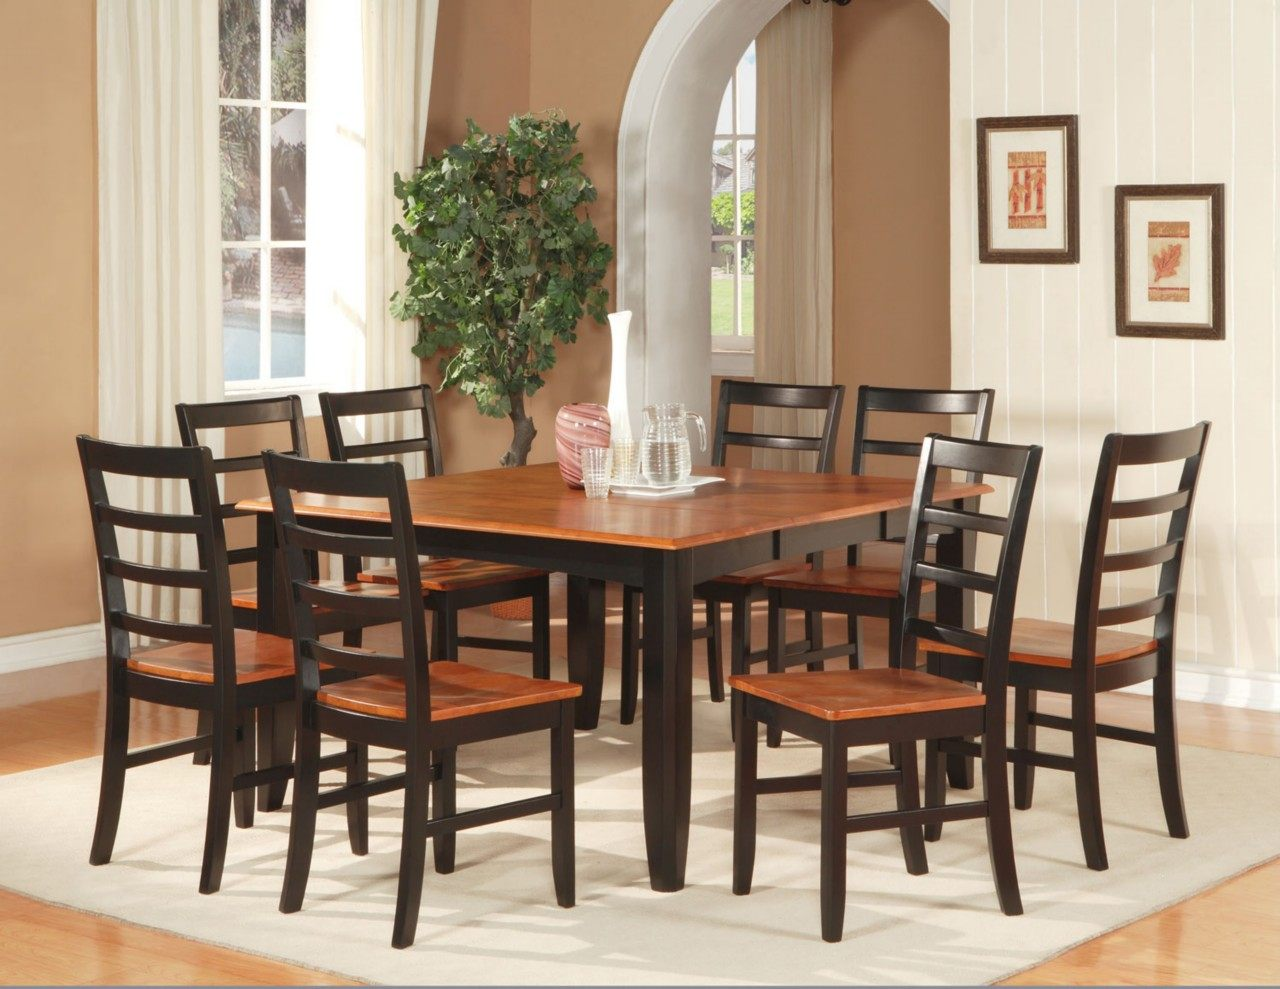 Sala De Jantar Madeira ~  para uma eficiente decoração de salas de estar e salas de jantar